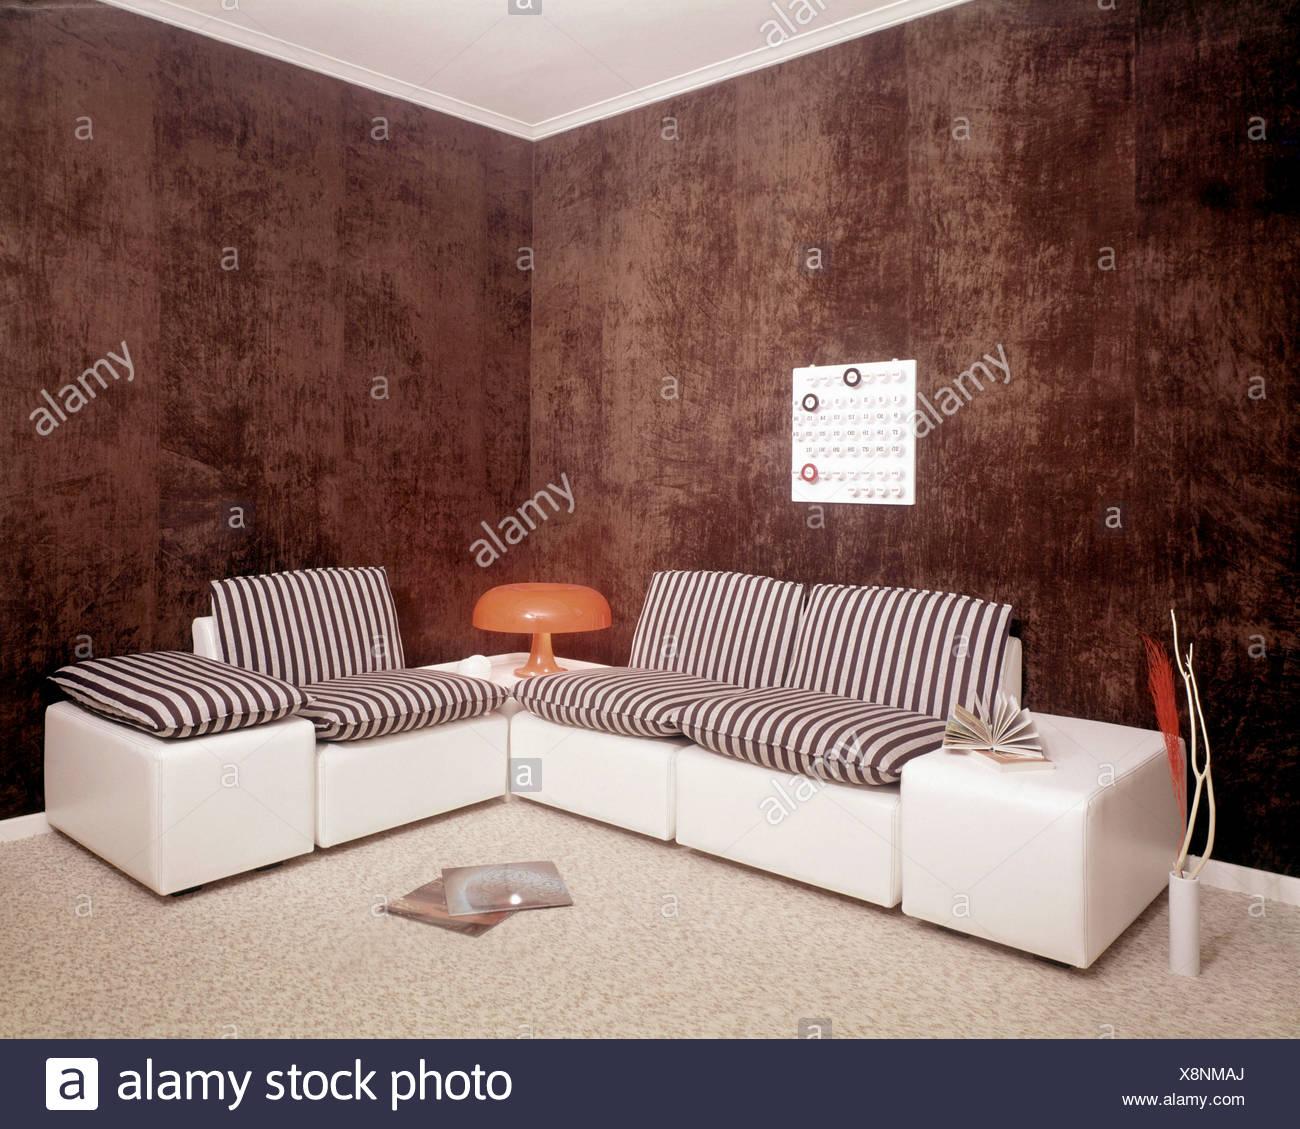 NOTSALE IN Belgien s Wohnzimmer braun gefleckt, Wände und ...